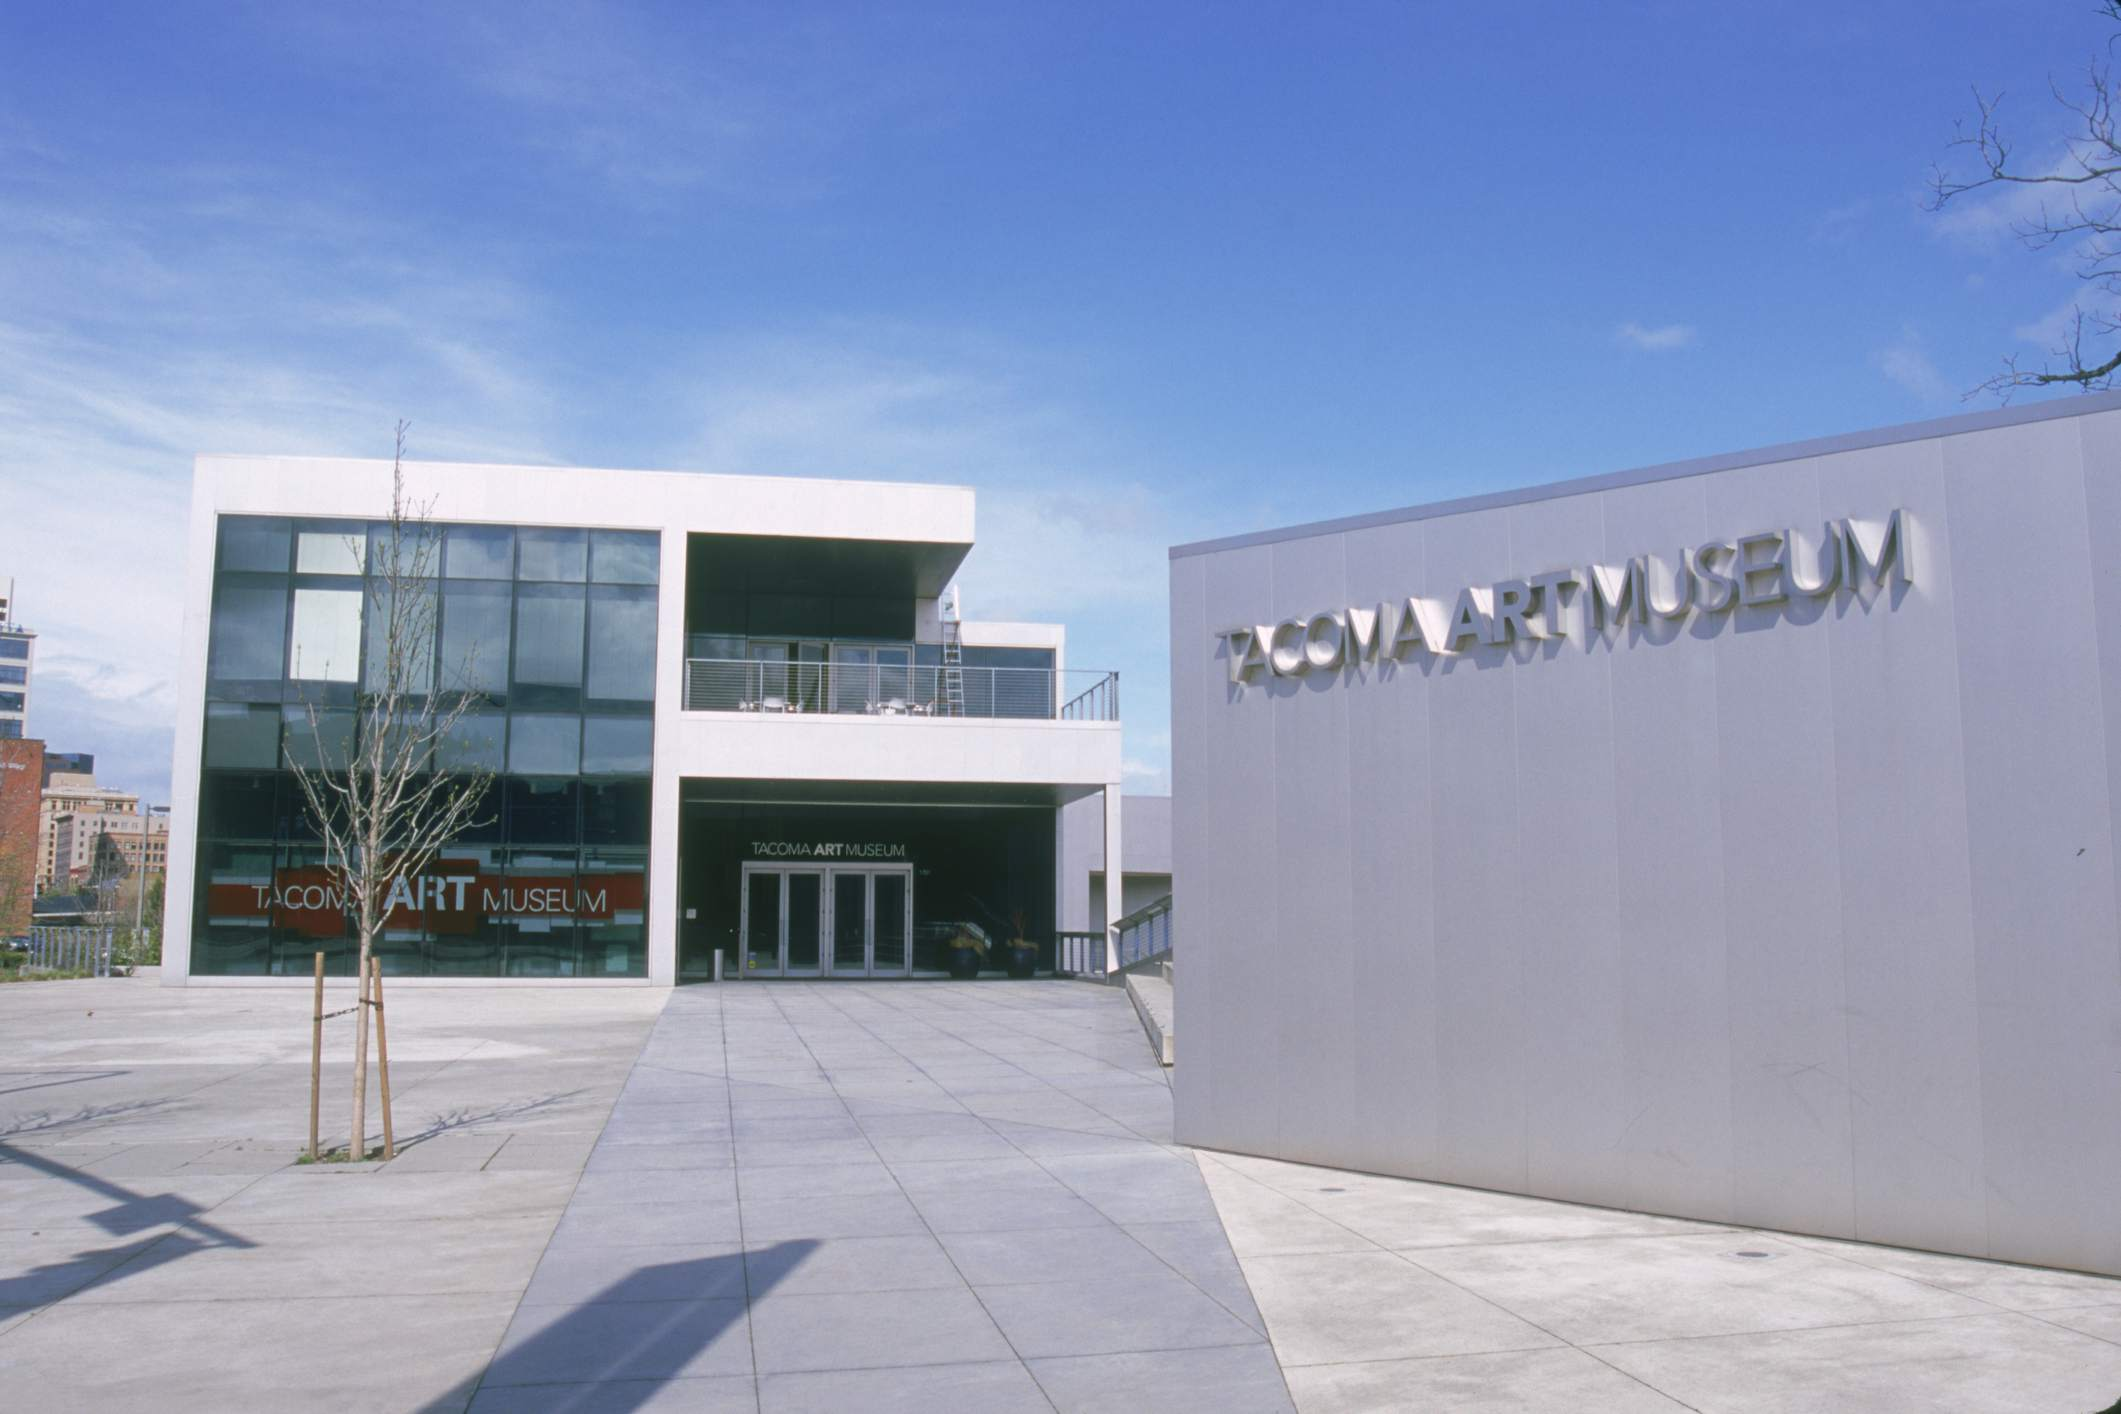 Outside the Tacoma Museum of Art in Tacoma, WA